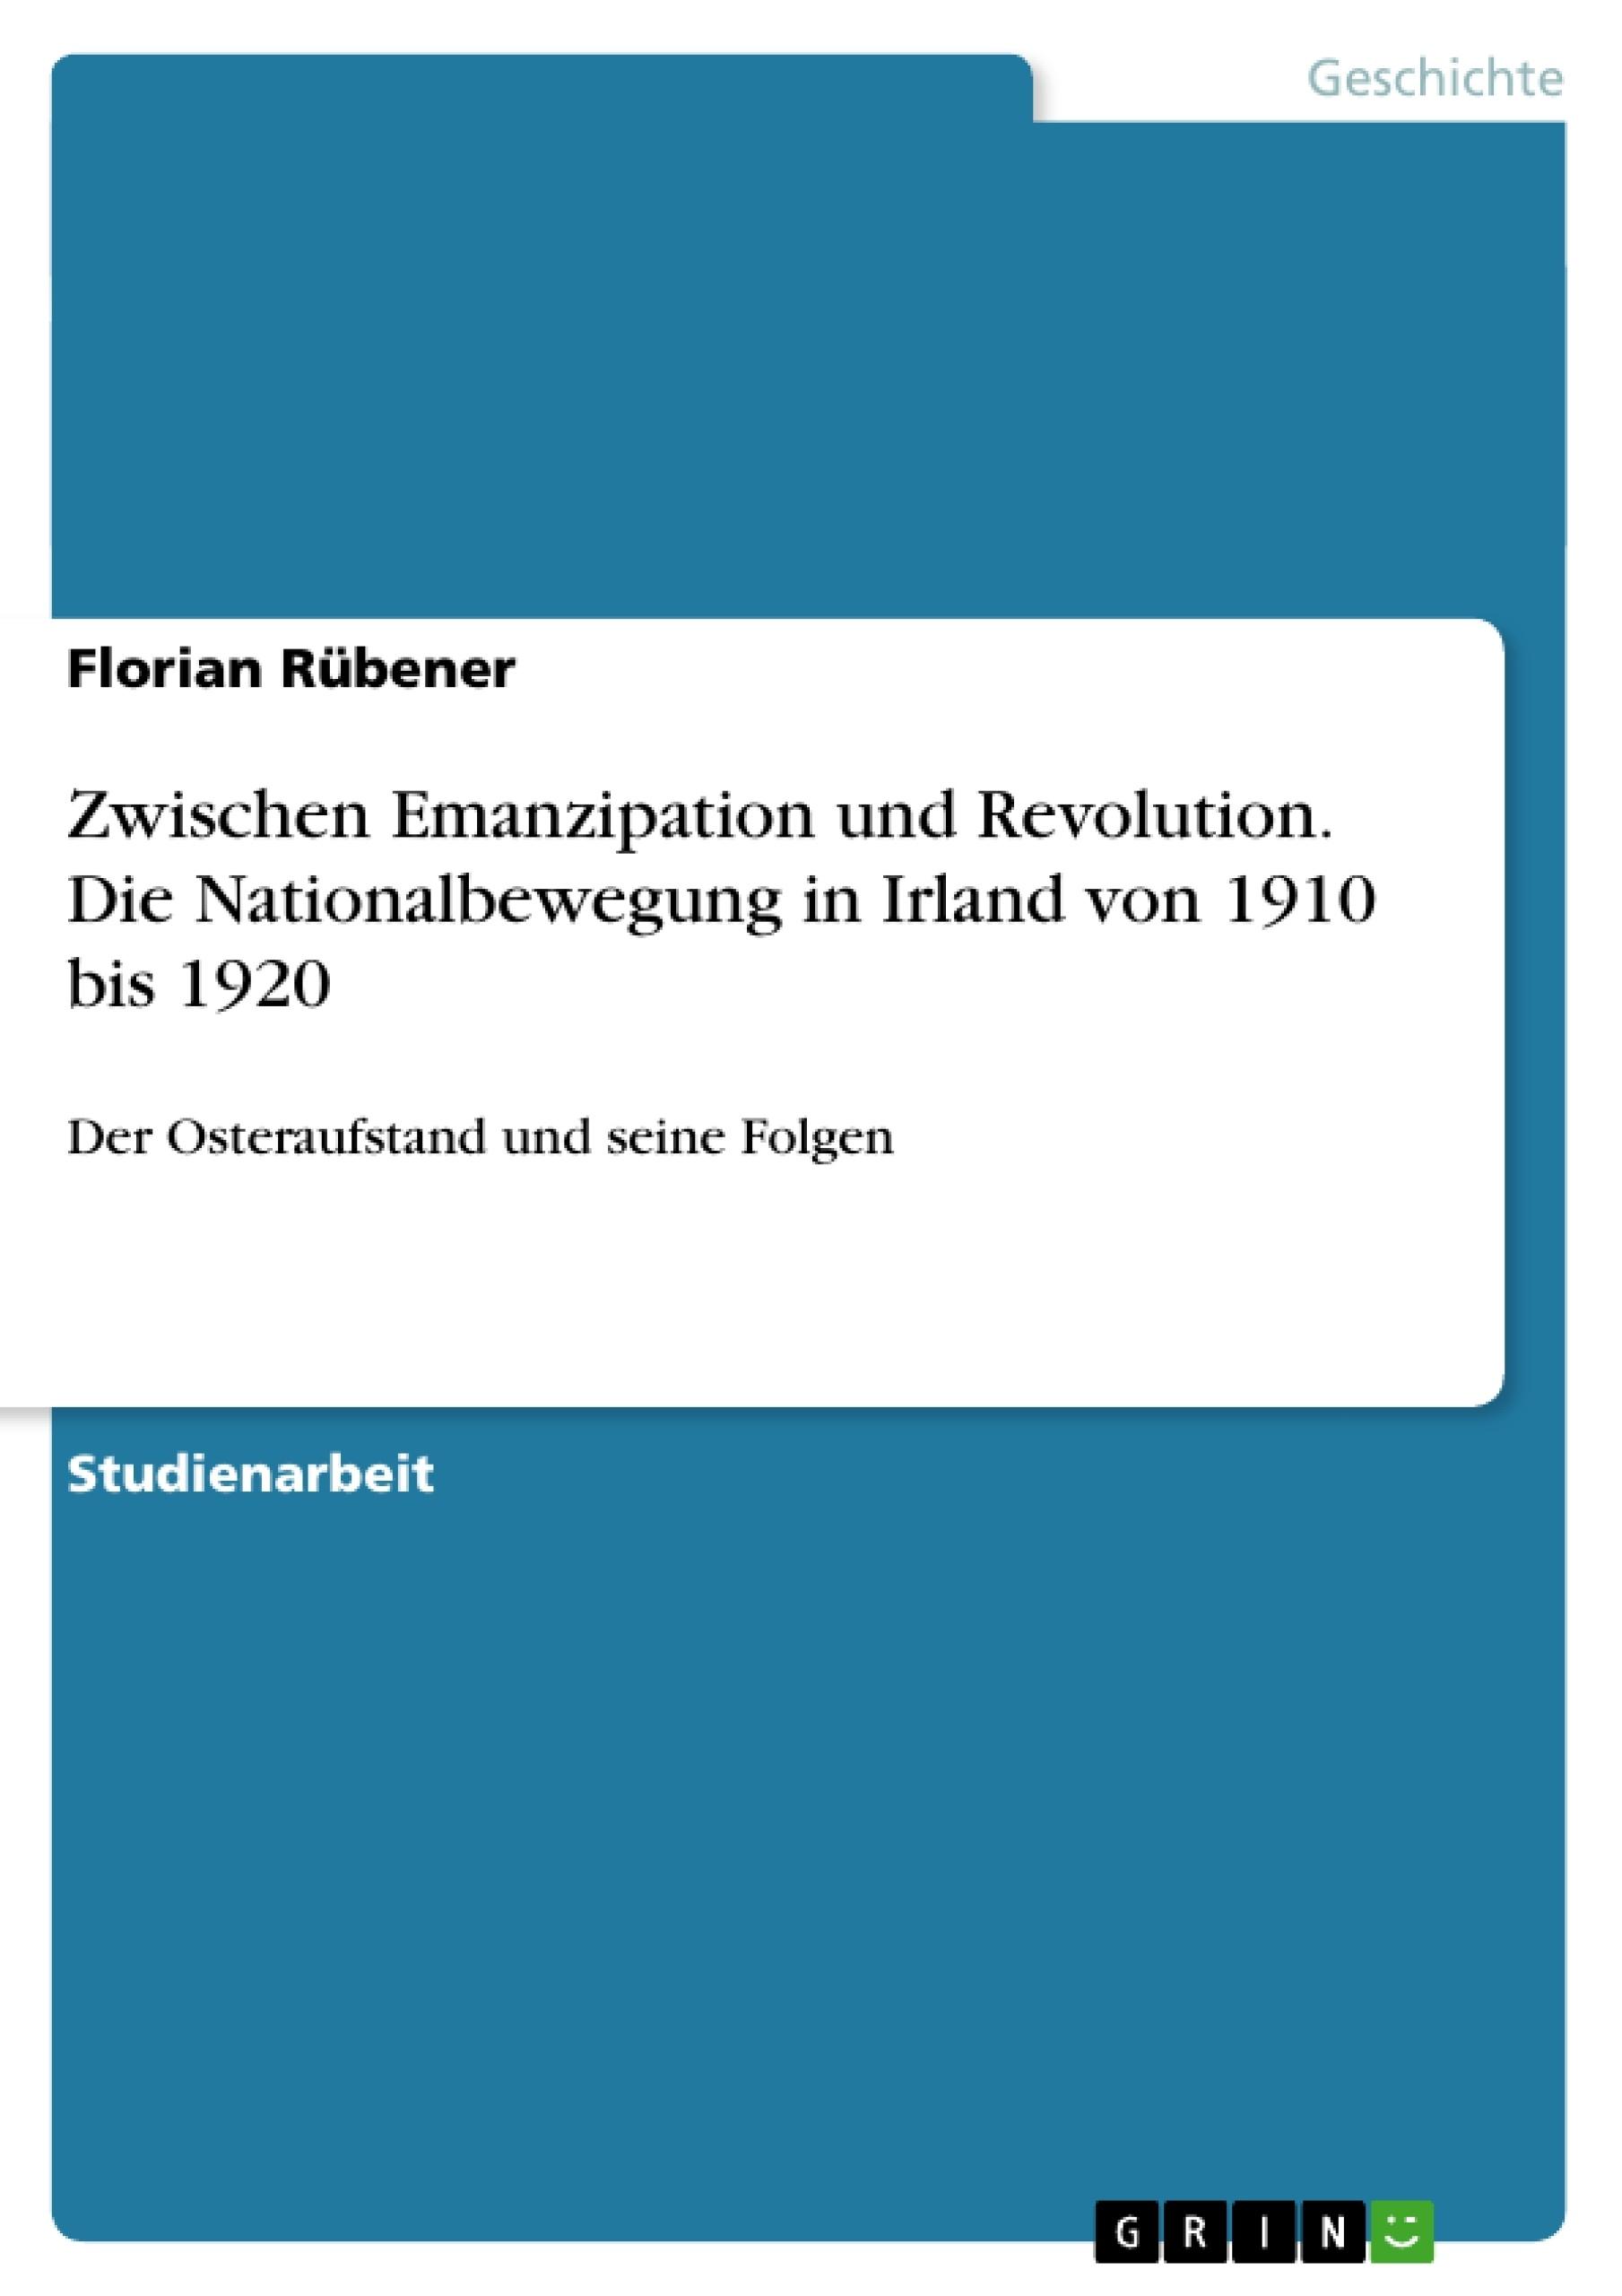 Titel: Zwischen Emanzipation und Revolution. Die Nationalbewegung in Irland von 1910 bis 1920